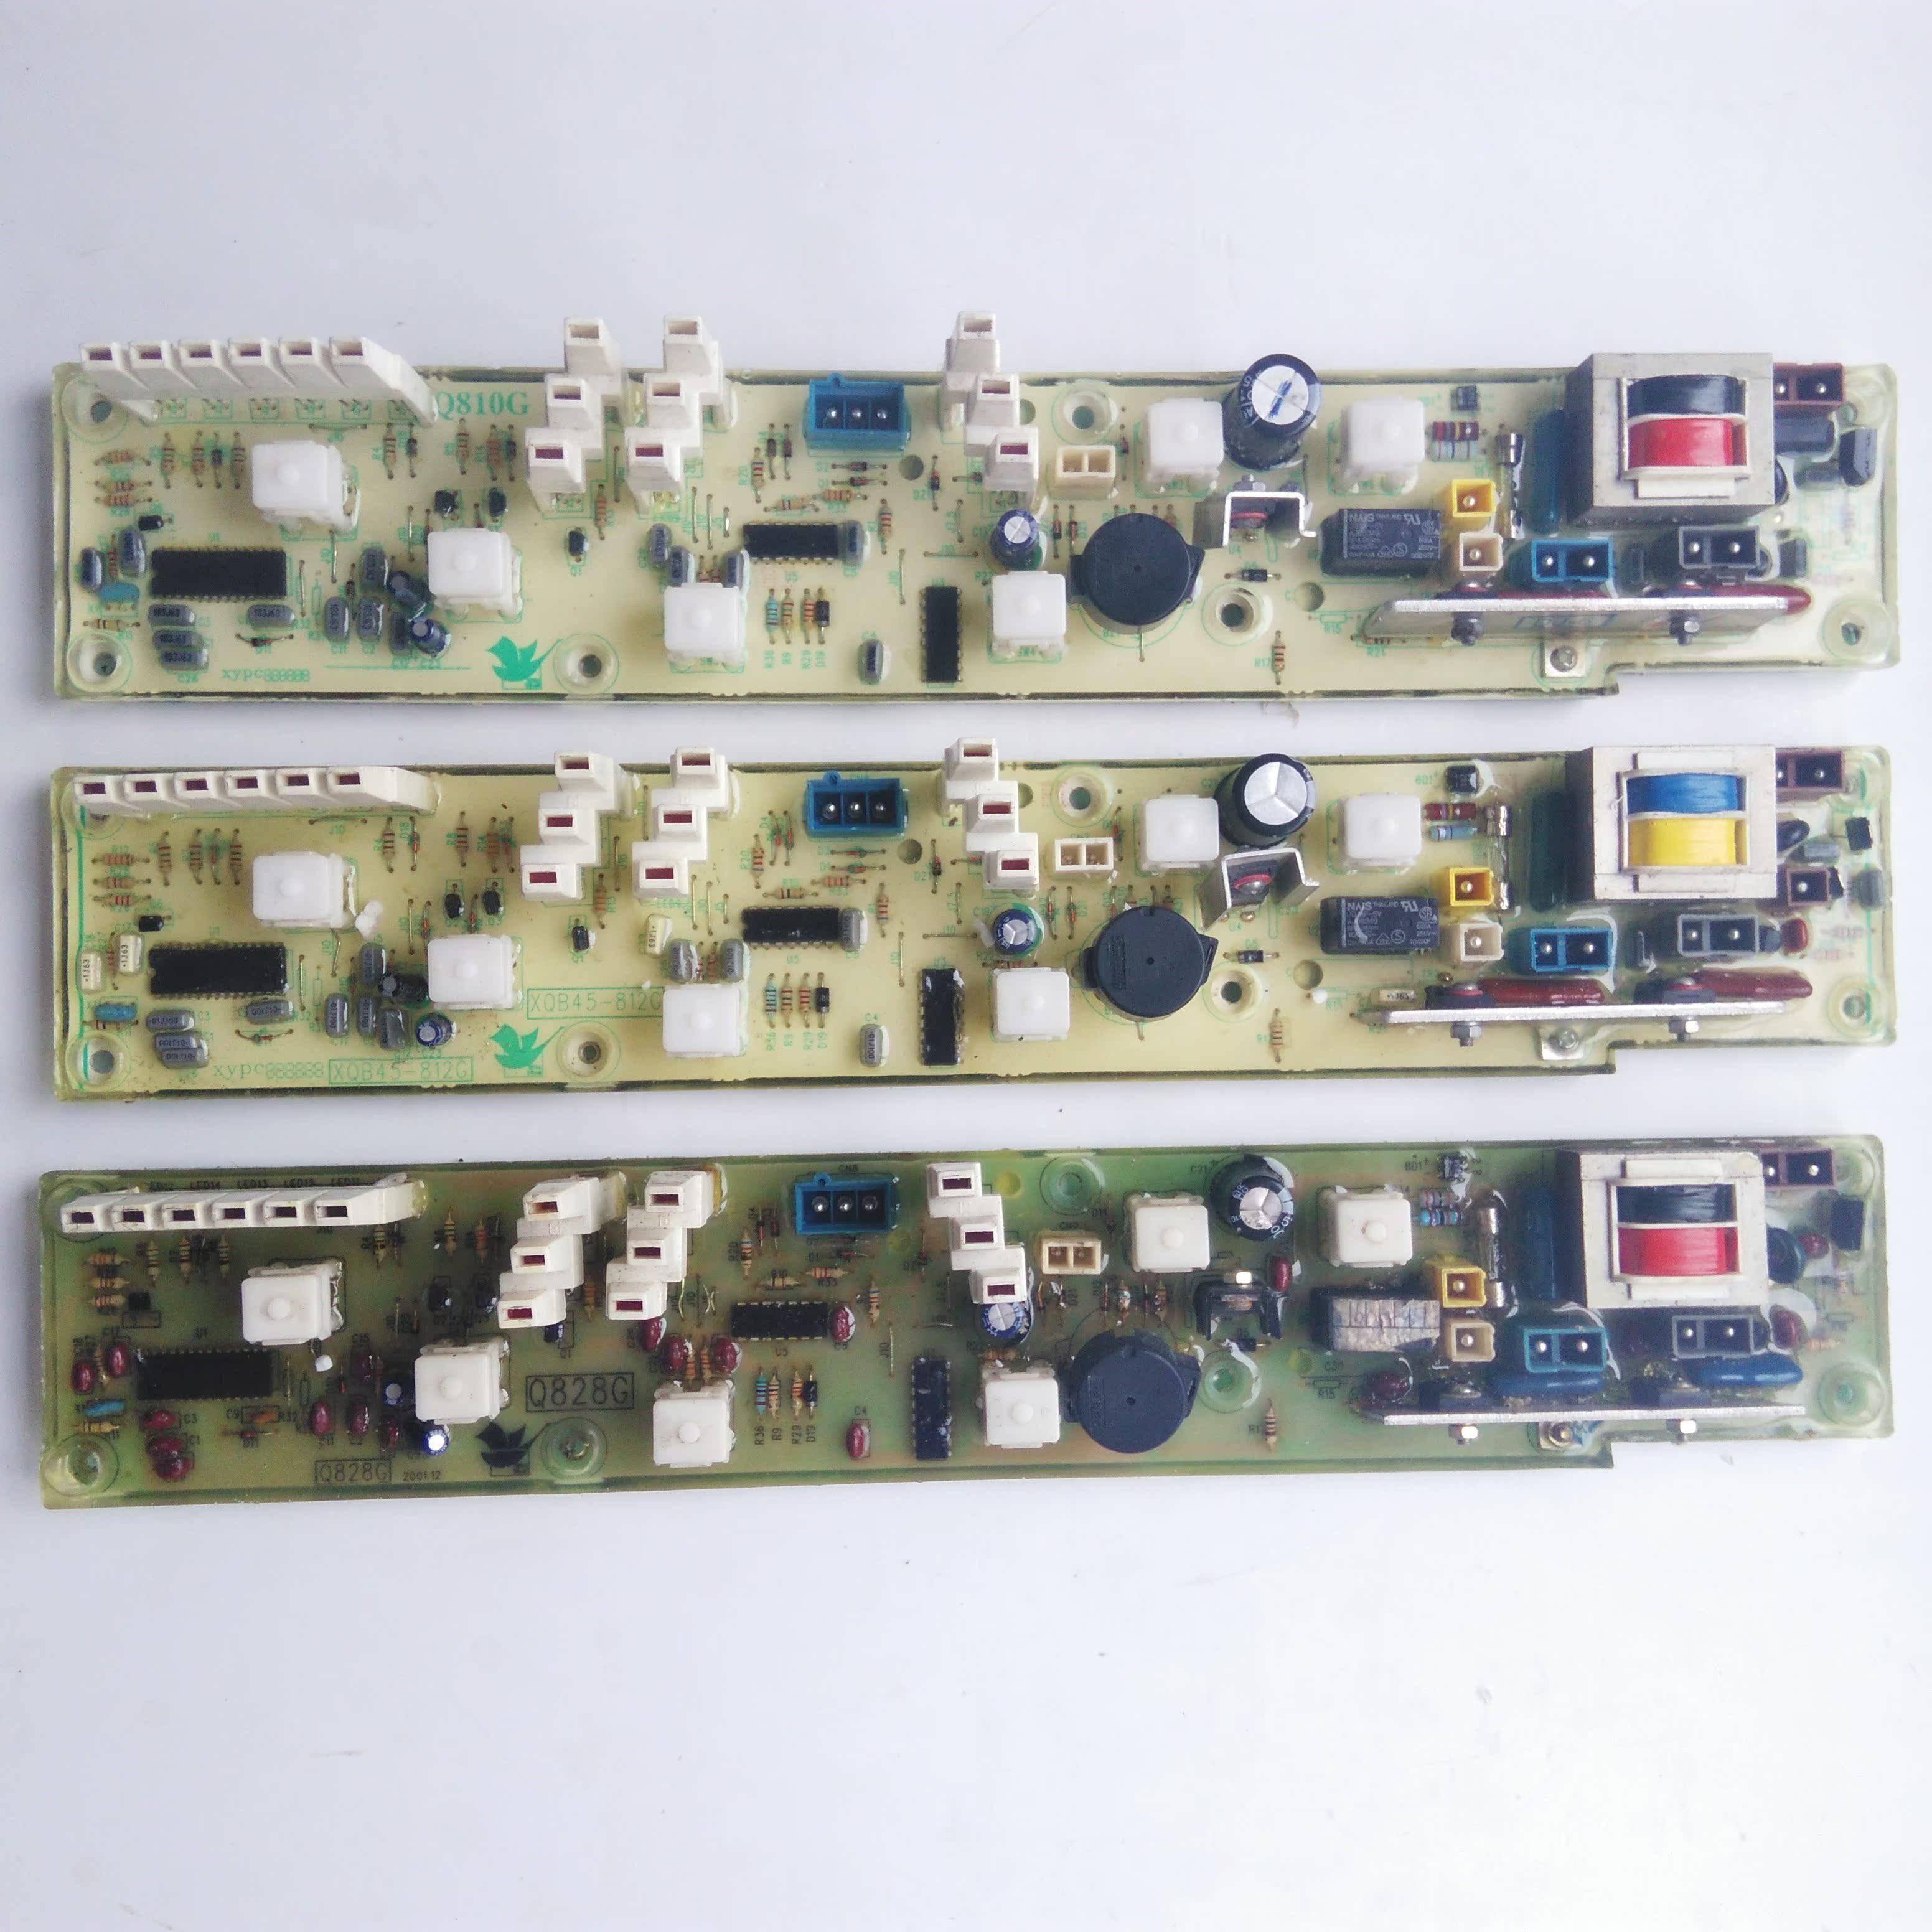 小天鹅洗衣机电脑板Q810G Q812G Q828G电脑板主板配件控制板版